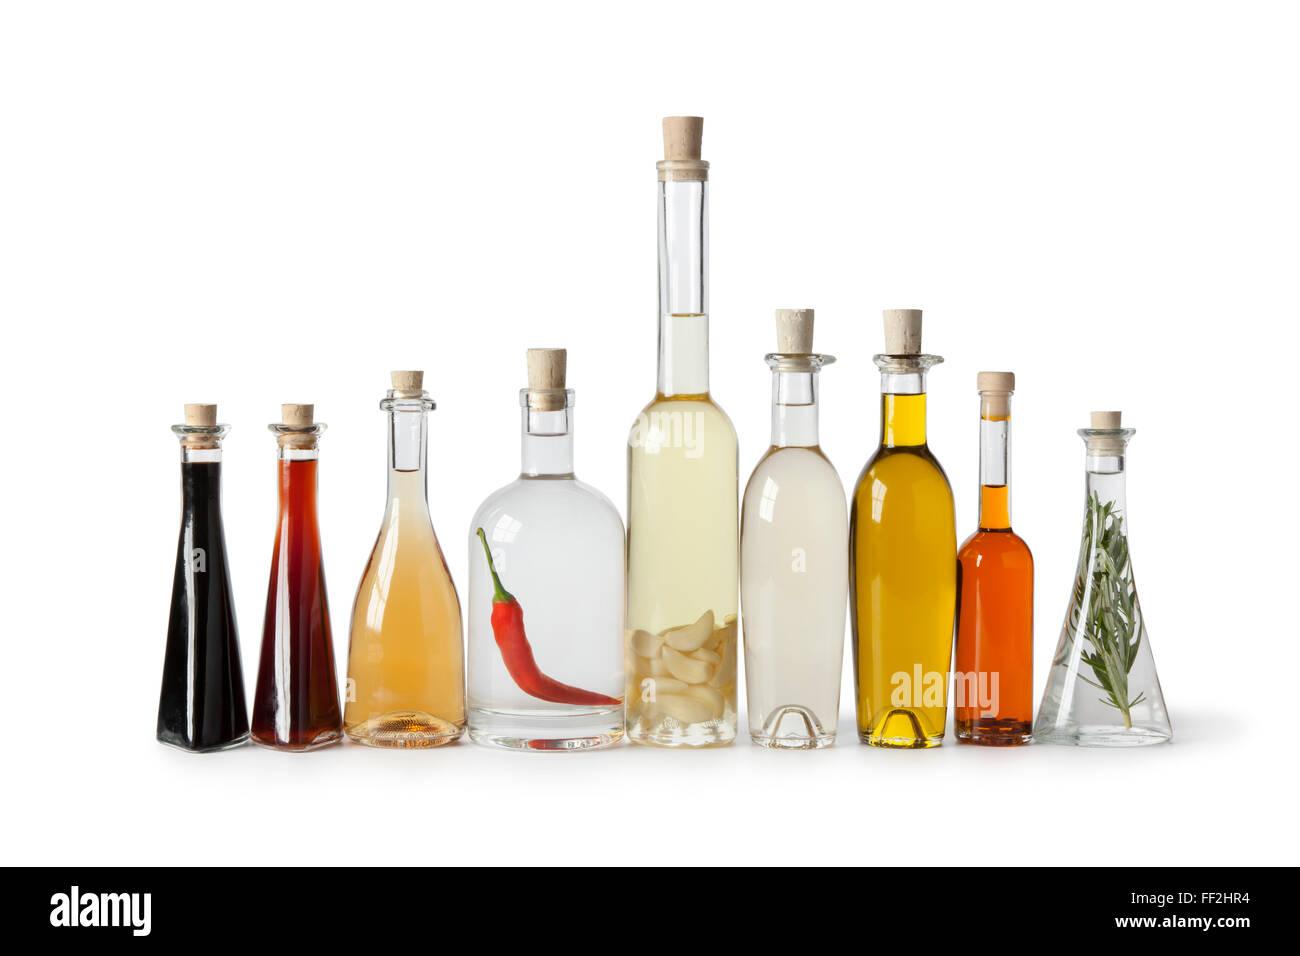 Bottiglie con vari tipi di olio e aceto in una riga su sfondo bianco Immagini Stock